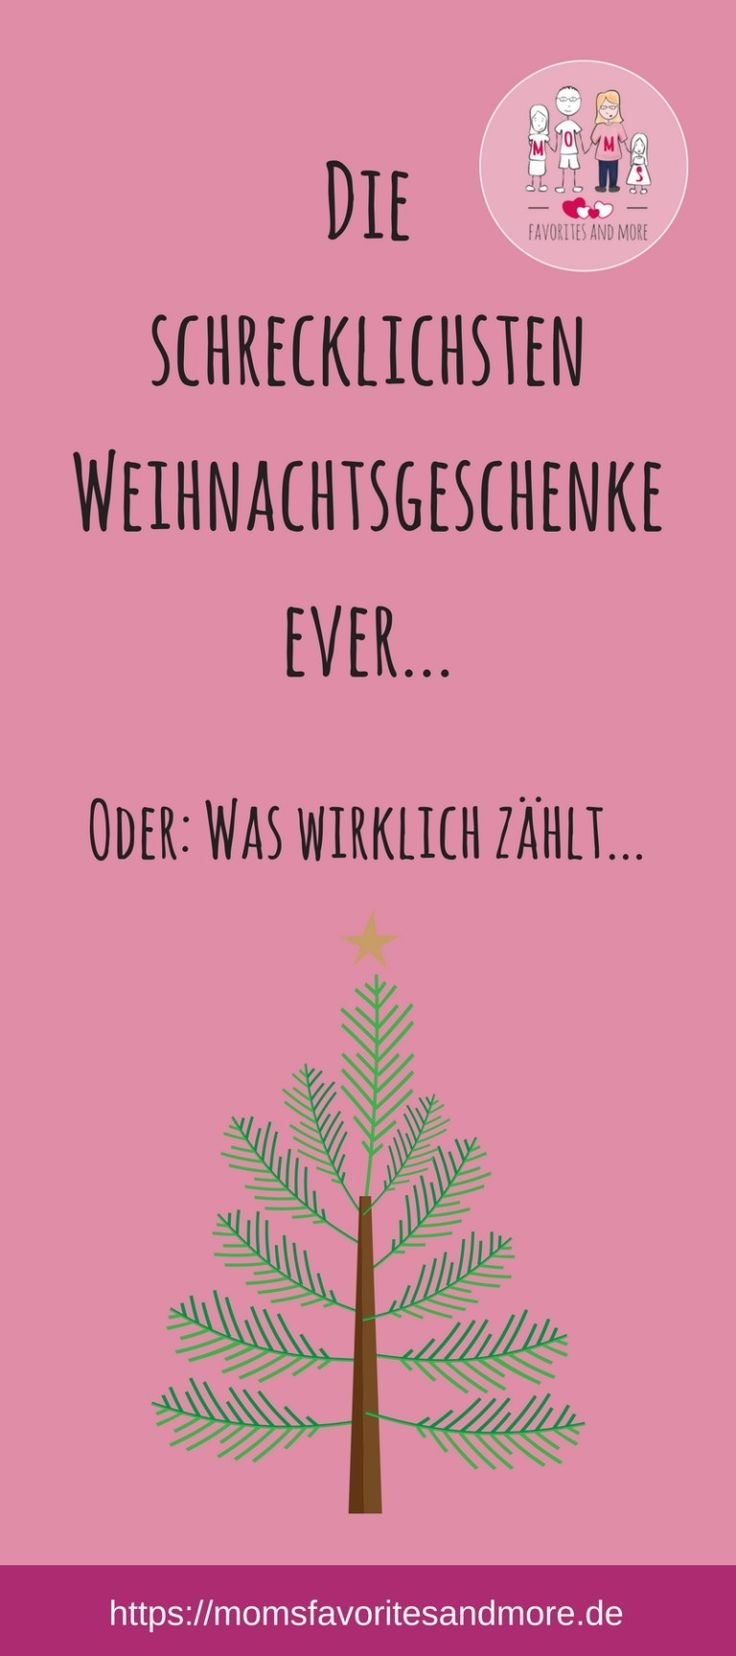 Weihnachten ist das Fest der Liebe. Wir sollten das Miteinander und die gemeinsame Zeit genießen. All unseren Lieben schenken wir meist etwas als Zeichen unserer Liebe, doch nicht immer sind da die Dinge, die wir gerne mögen. Doch denkt daran: Die Geste zählt!